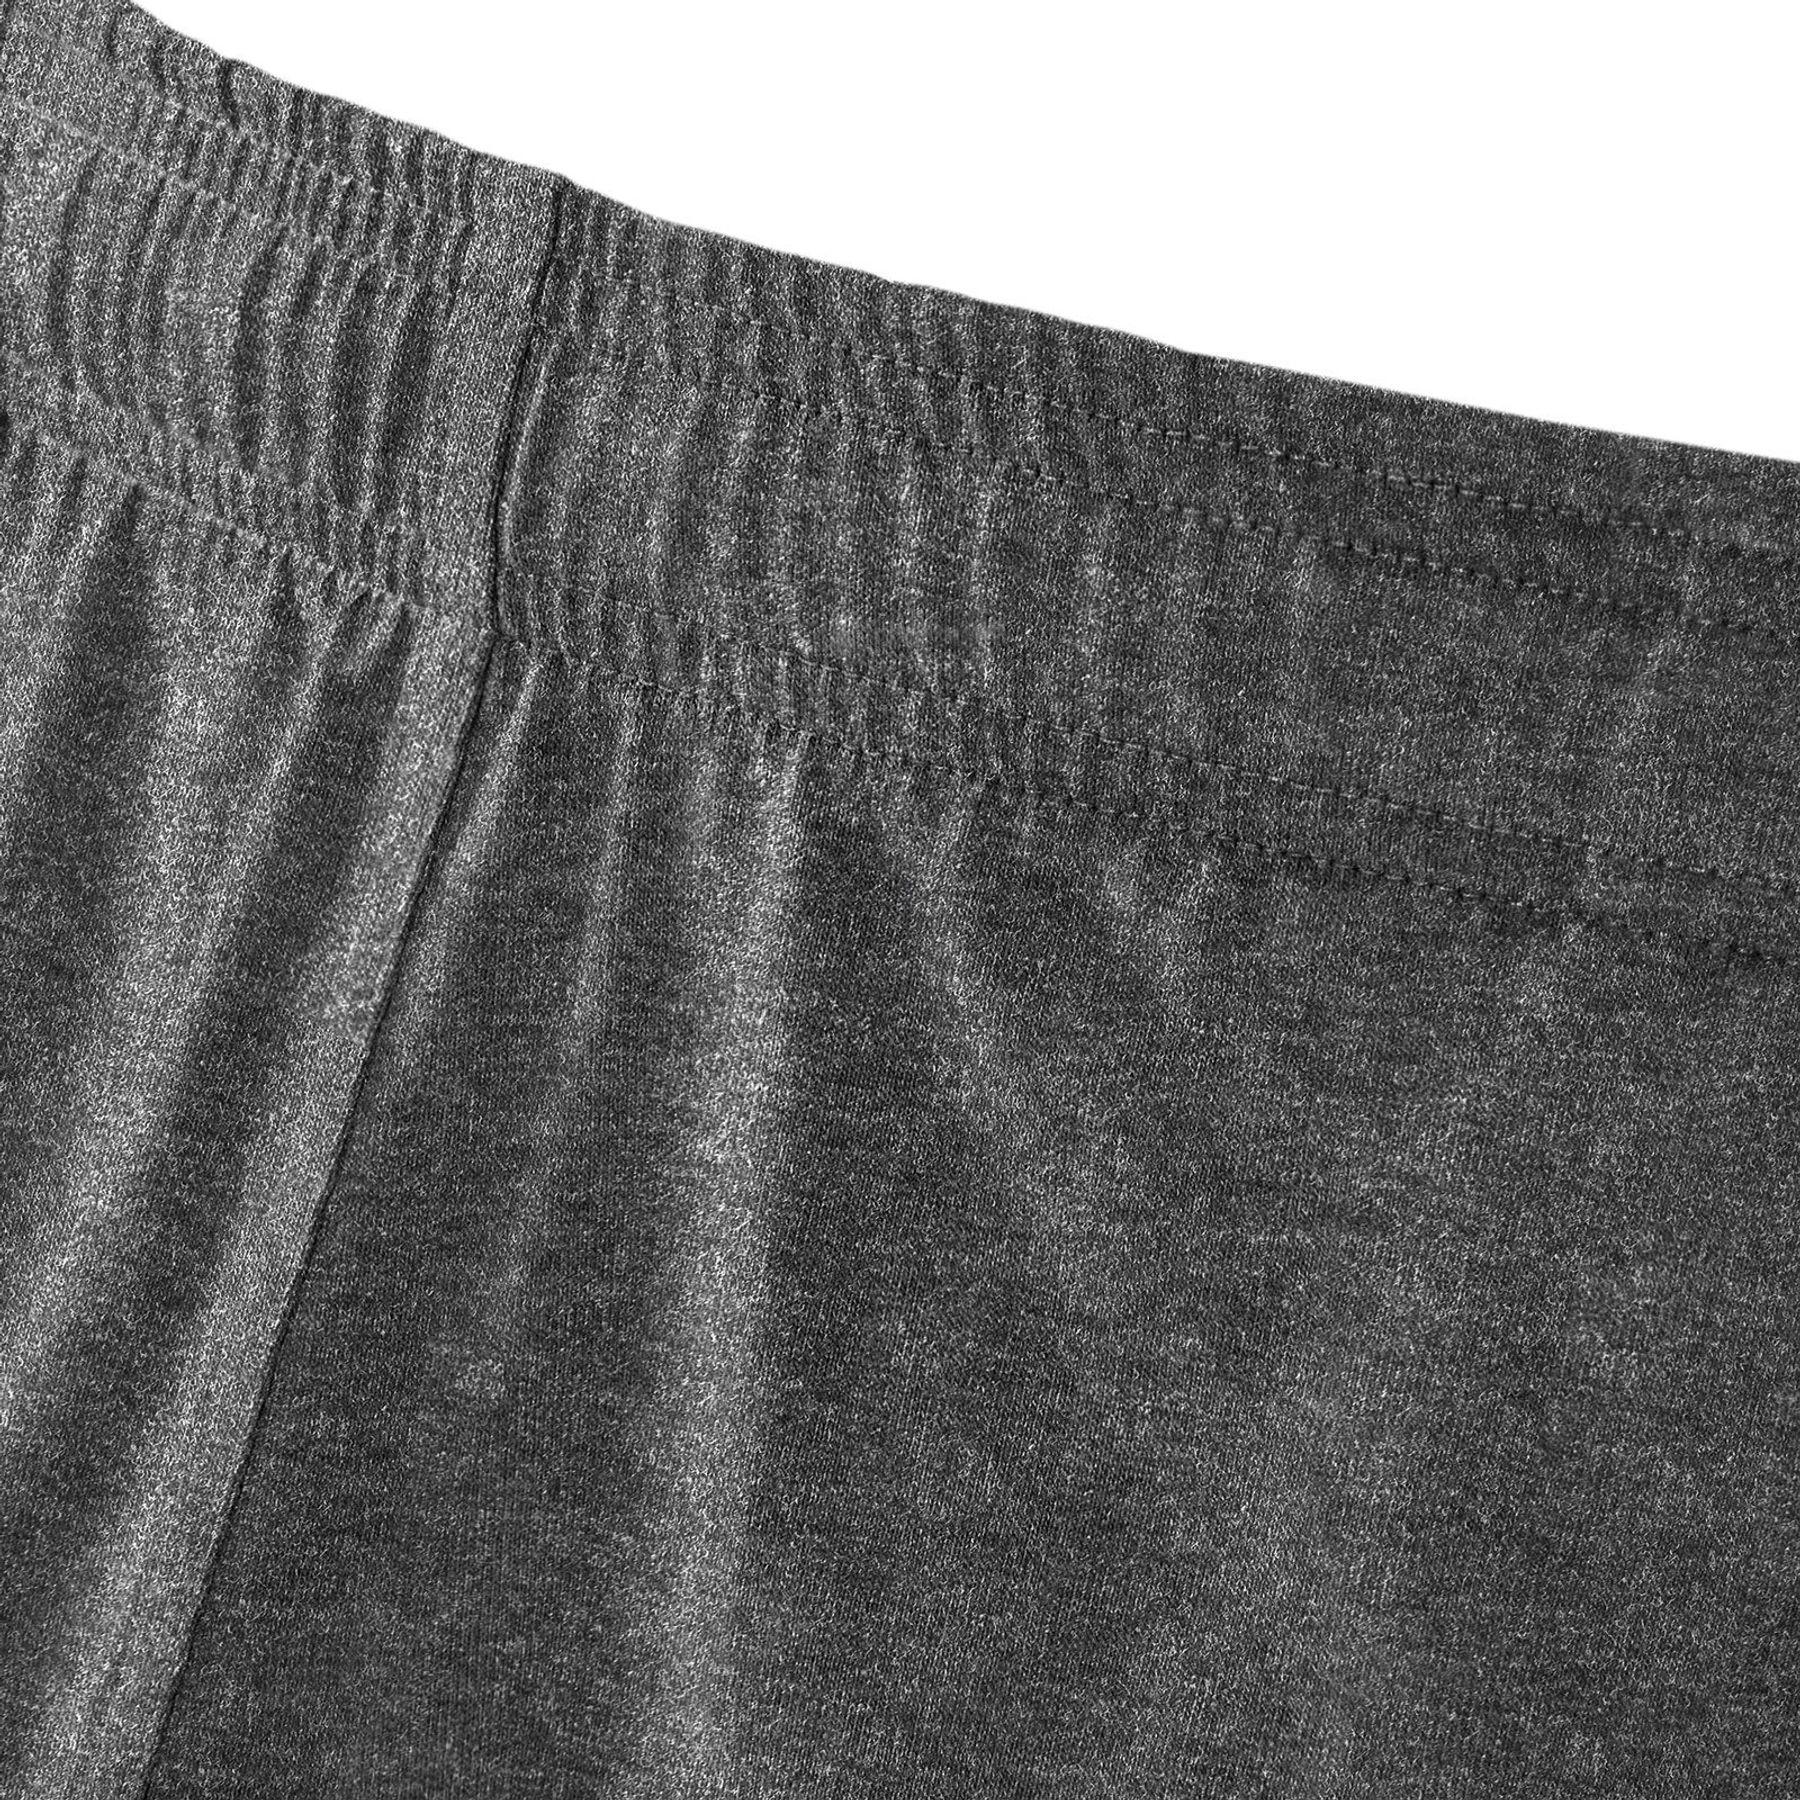 Joy - Herren Sport und Freizeit Shorts in verschiedenen Farben, Ringo (40219) – Bild 11